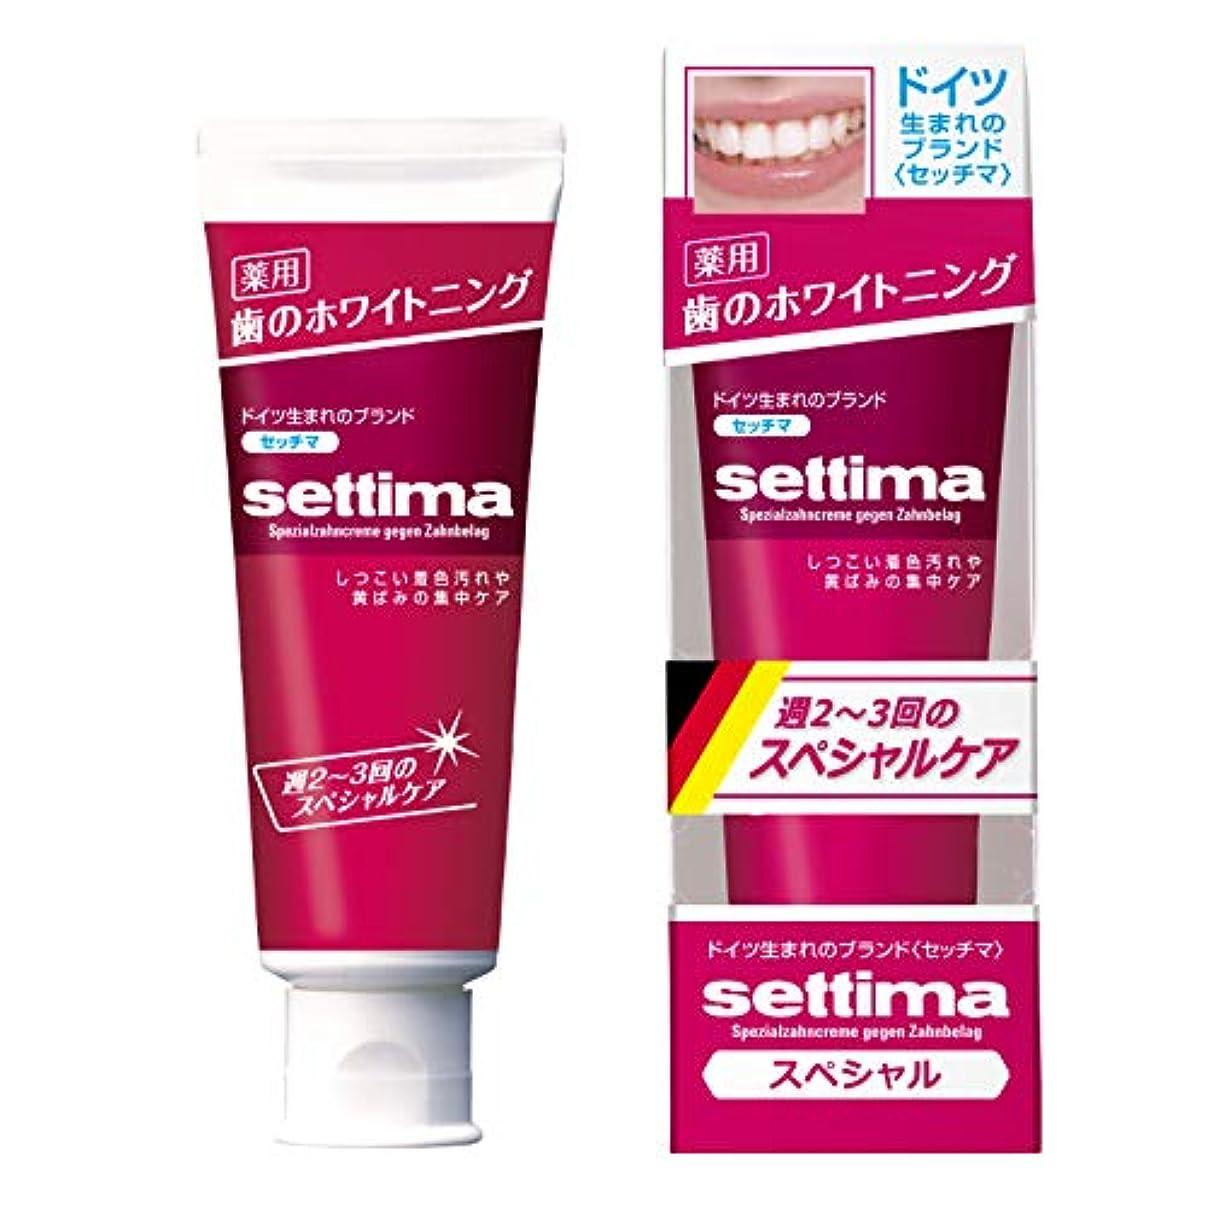 時計さまよう前投薬[医薬部外品] settima(セッチマ) ホワイトニング 歯みがき スペシャルケア [ペパーミントタイプ] <ステインケア タバコのヤニ取り フッ素配合 虫歯予防> 80g